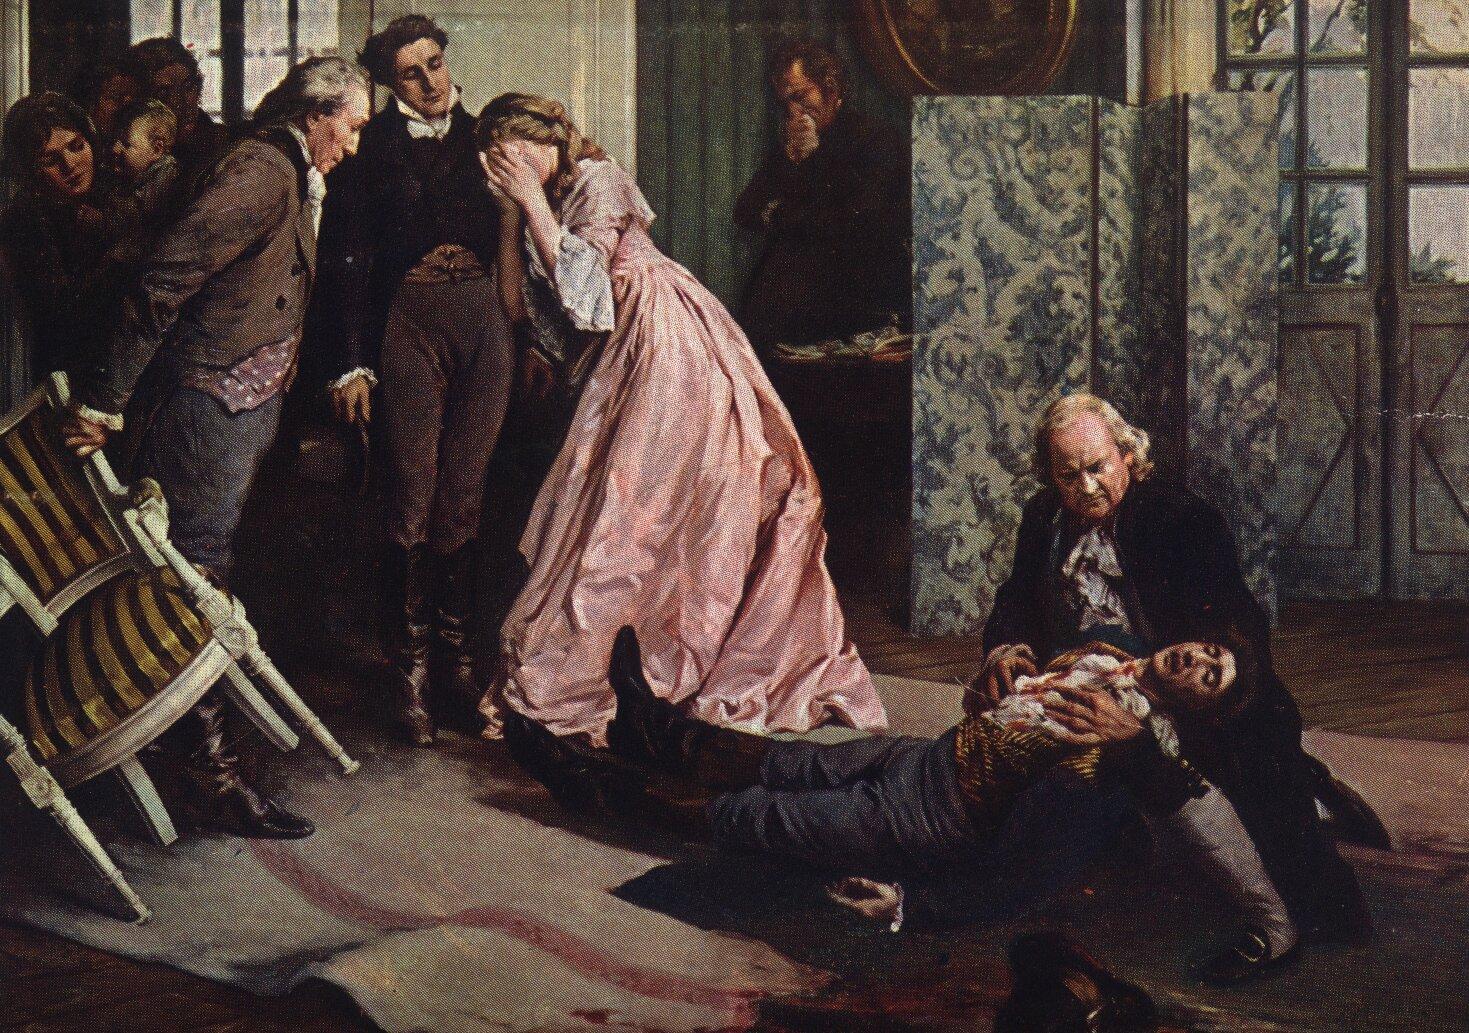 Śmierć Wertera Źródło: François Charles Baude, Śmierć Wertera, 1911, domena publiczna.